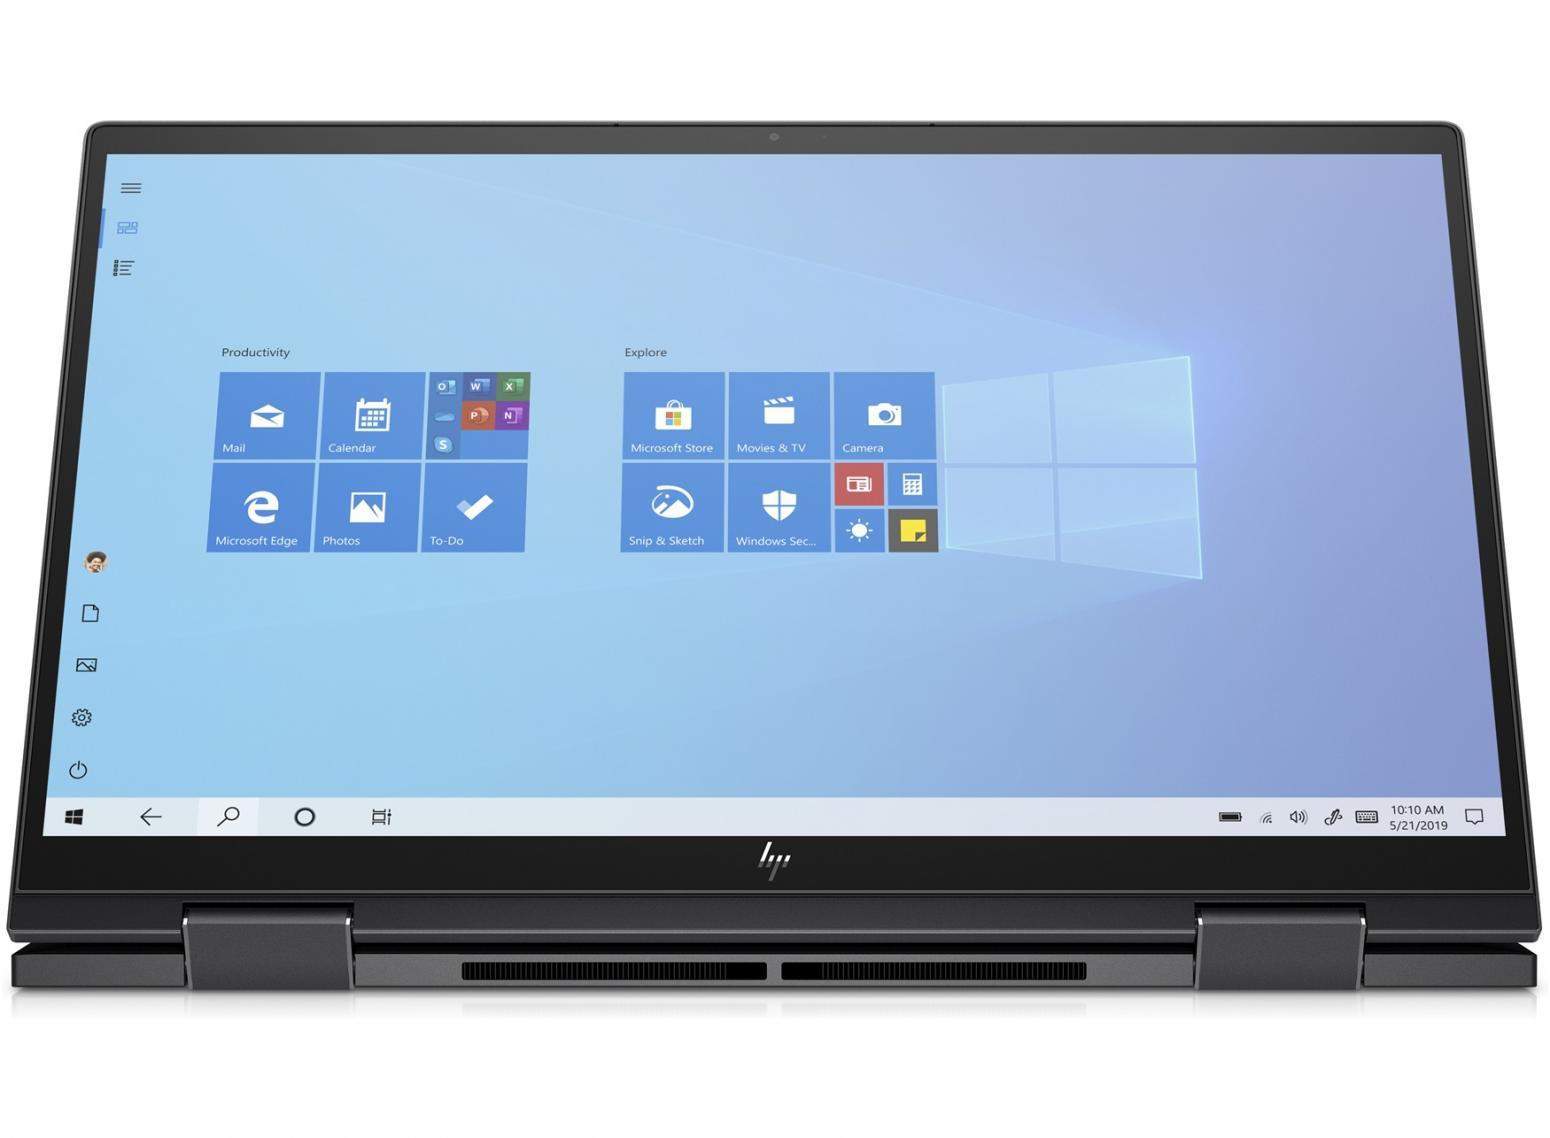 Ordinateur portable HP Envy x360 15-ee0012nf Argent - Tactile, Ryzen 5 Hexa Core - photo 2